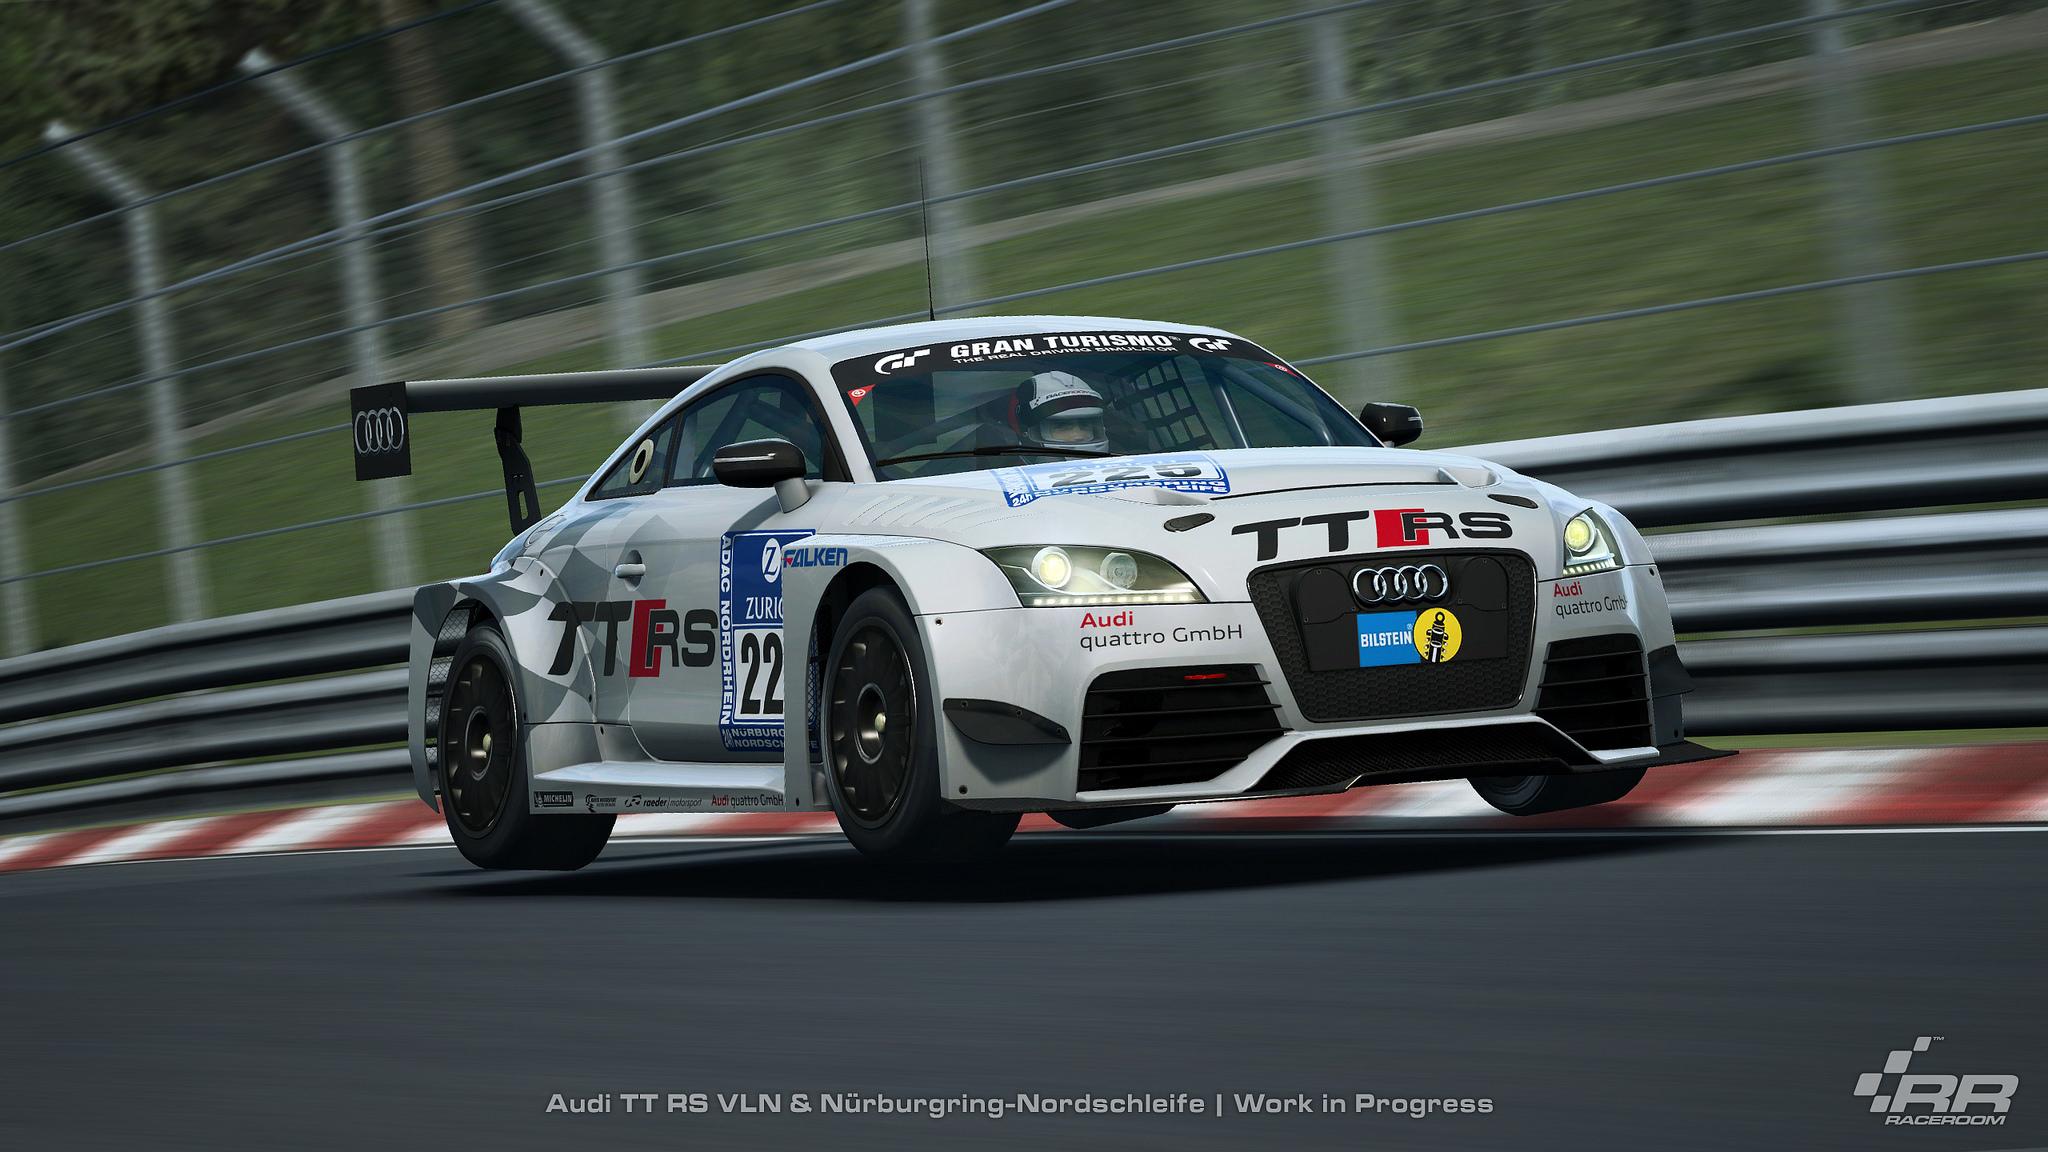 Audi Tt Rs Game: Bsimracing